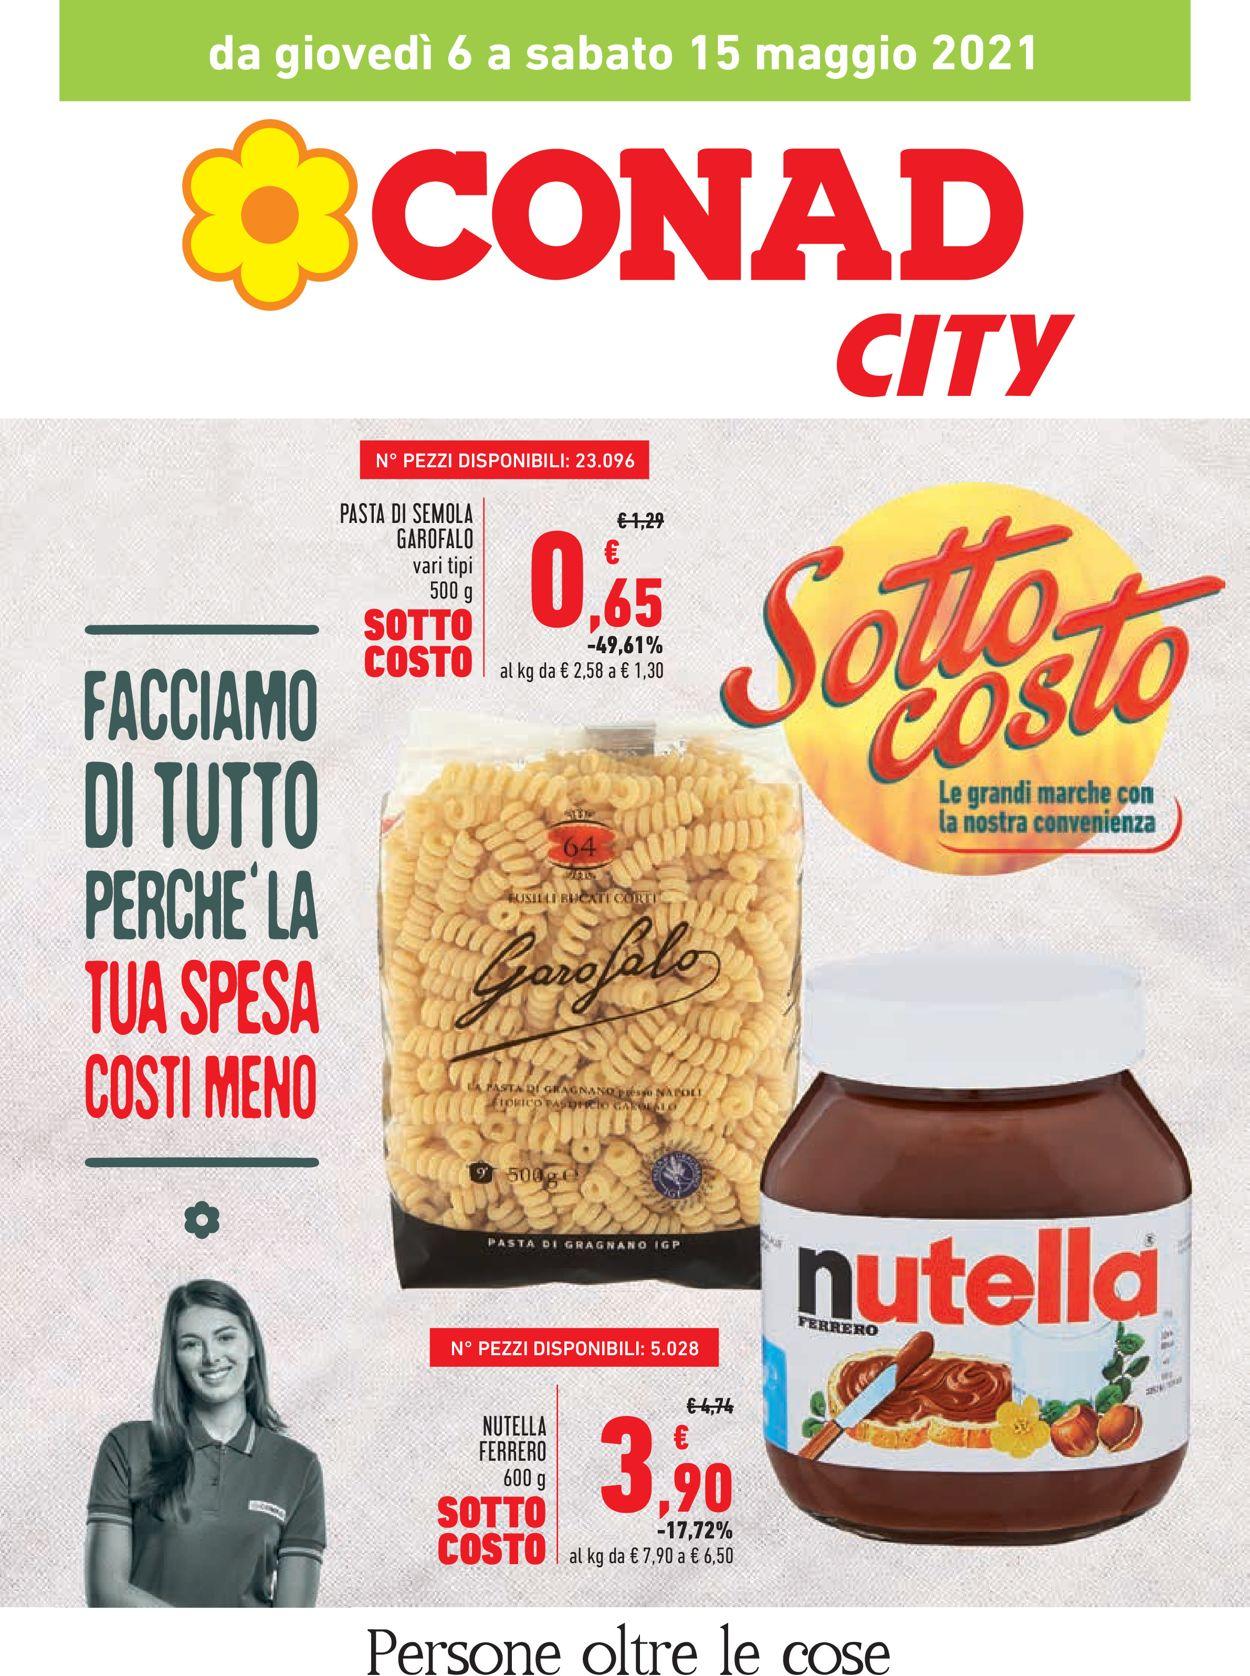 Volantino Conad - Offerte 06/05-15/05/2021